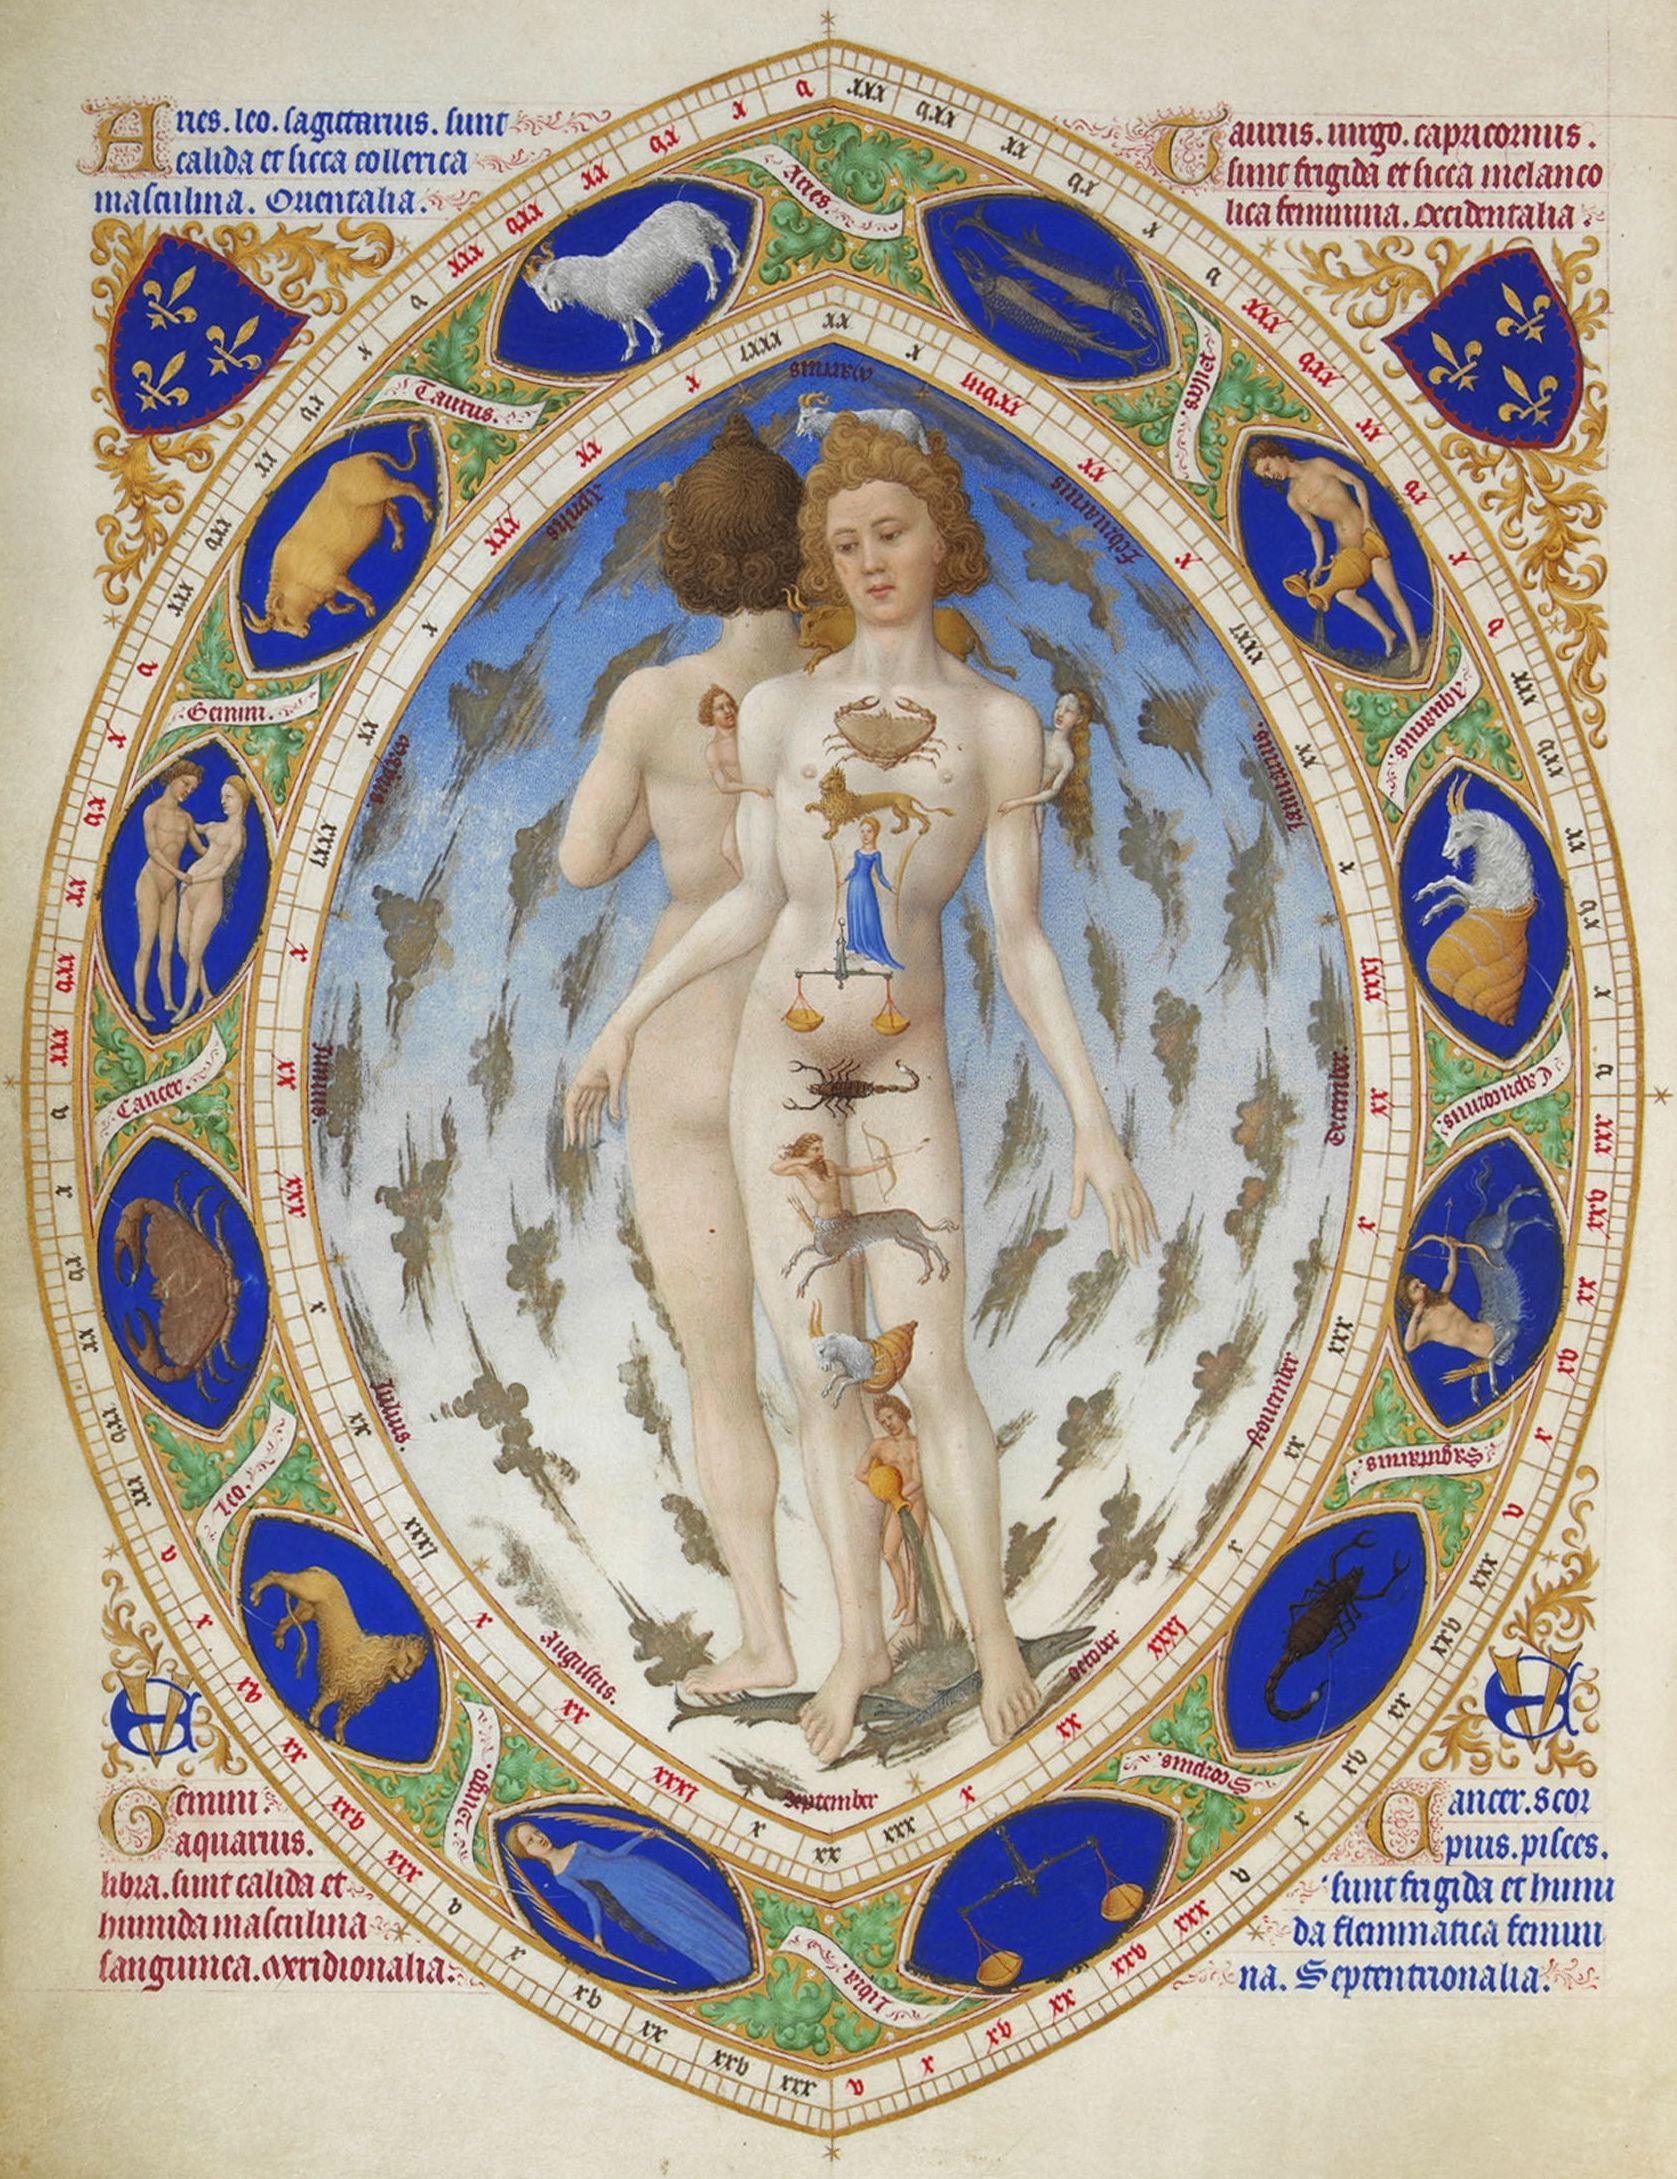 Très riches heures du Duc de Berry, miniatura dell'Uomo Anatomico con la fascia dei segni zodiacali (1412 circa – 1416), conservato oggi nel Musée Condé di Chantilly (©Photo. R.M.N. / R.-G. OjŽda).